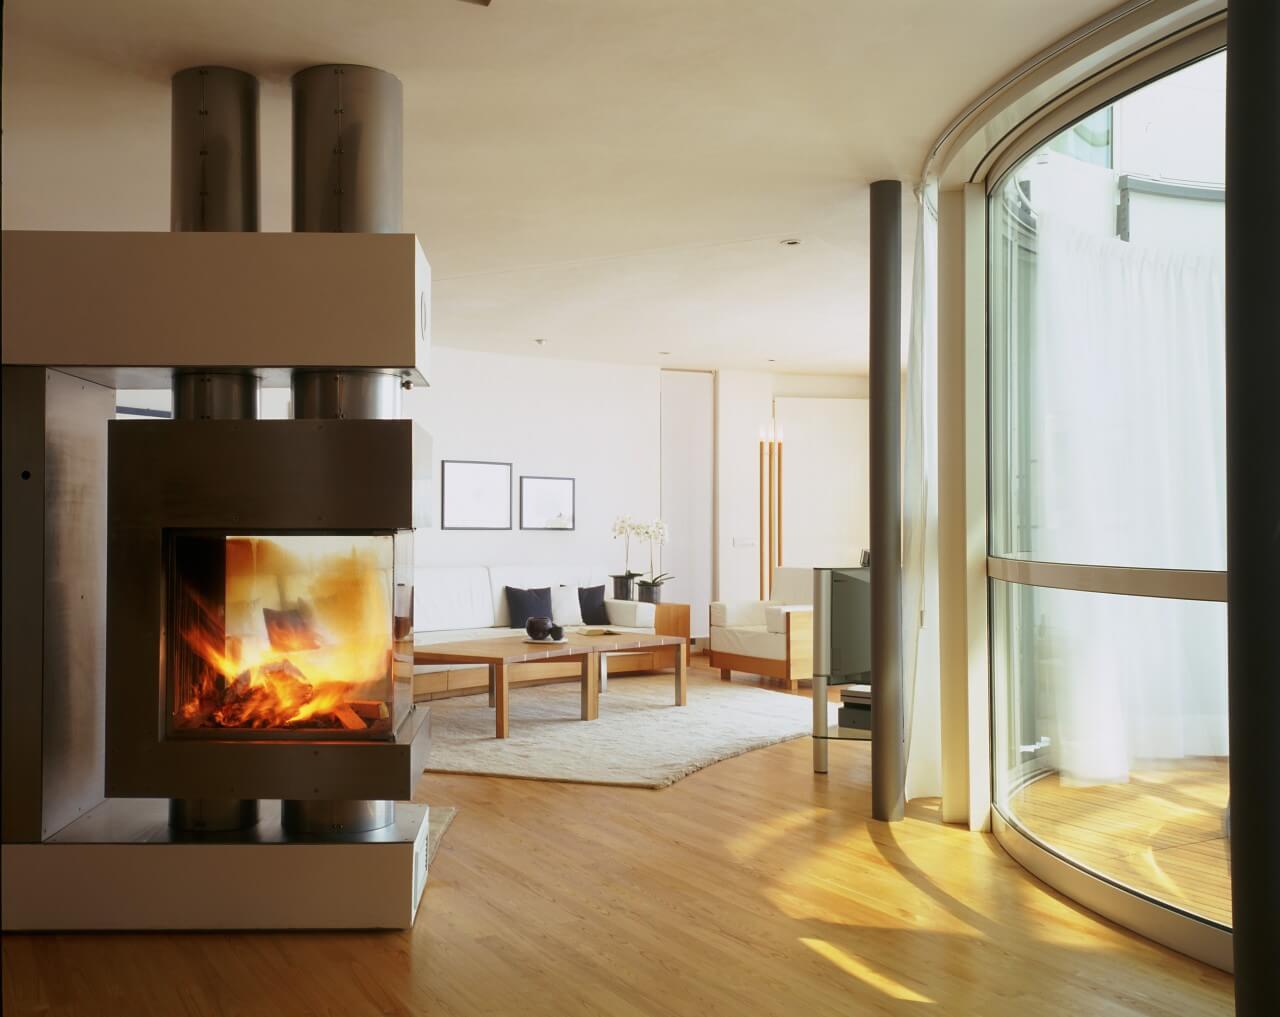 Design chalet sonnenberg norditalien s dtirol landmark for Designhotel norditalien